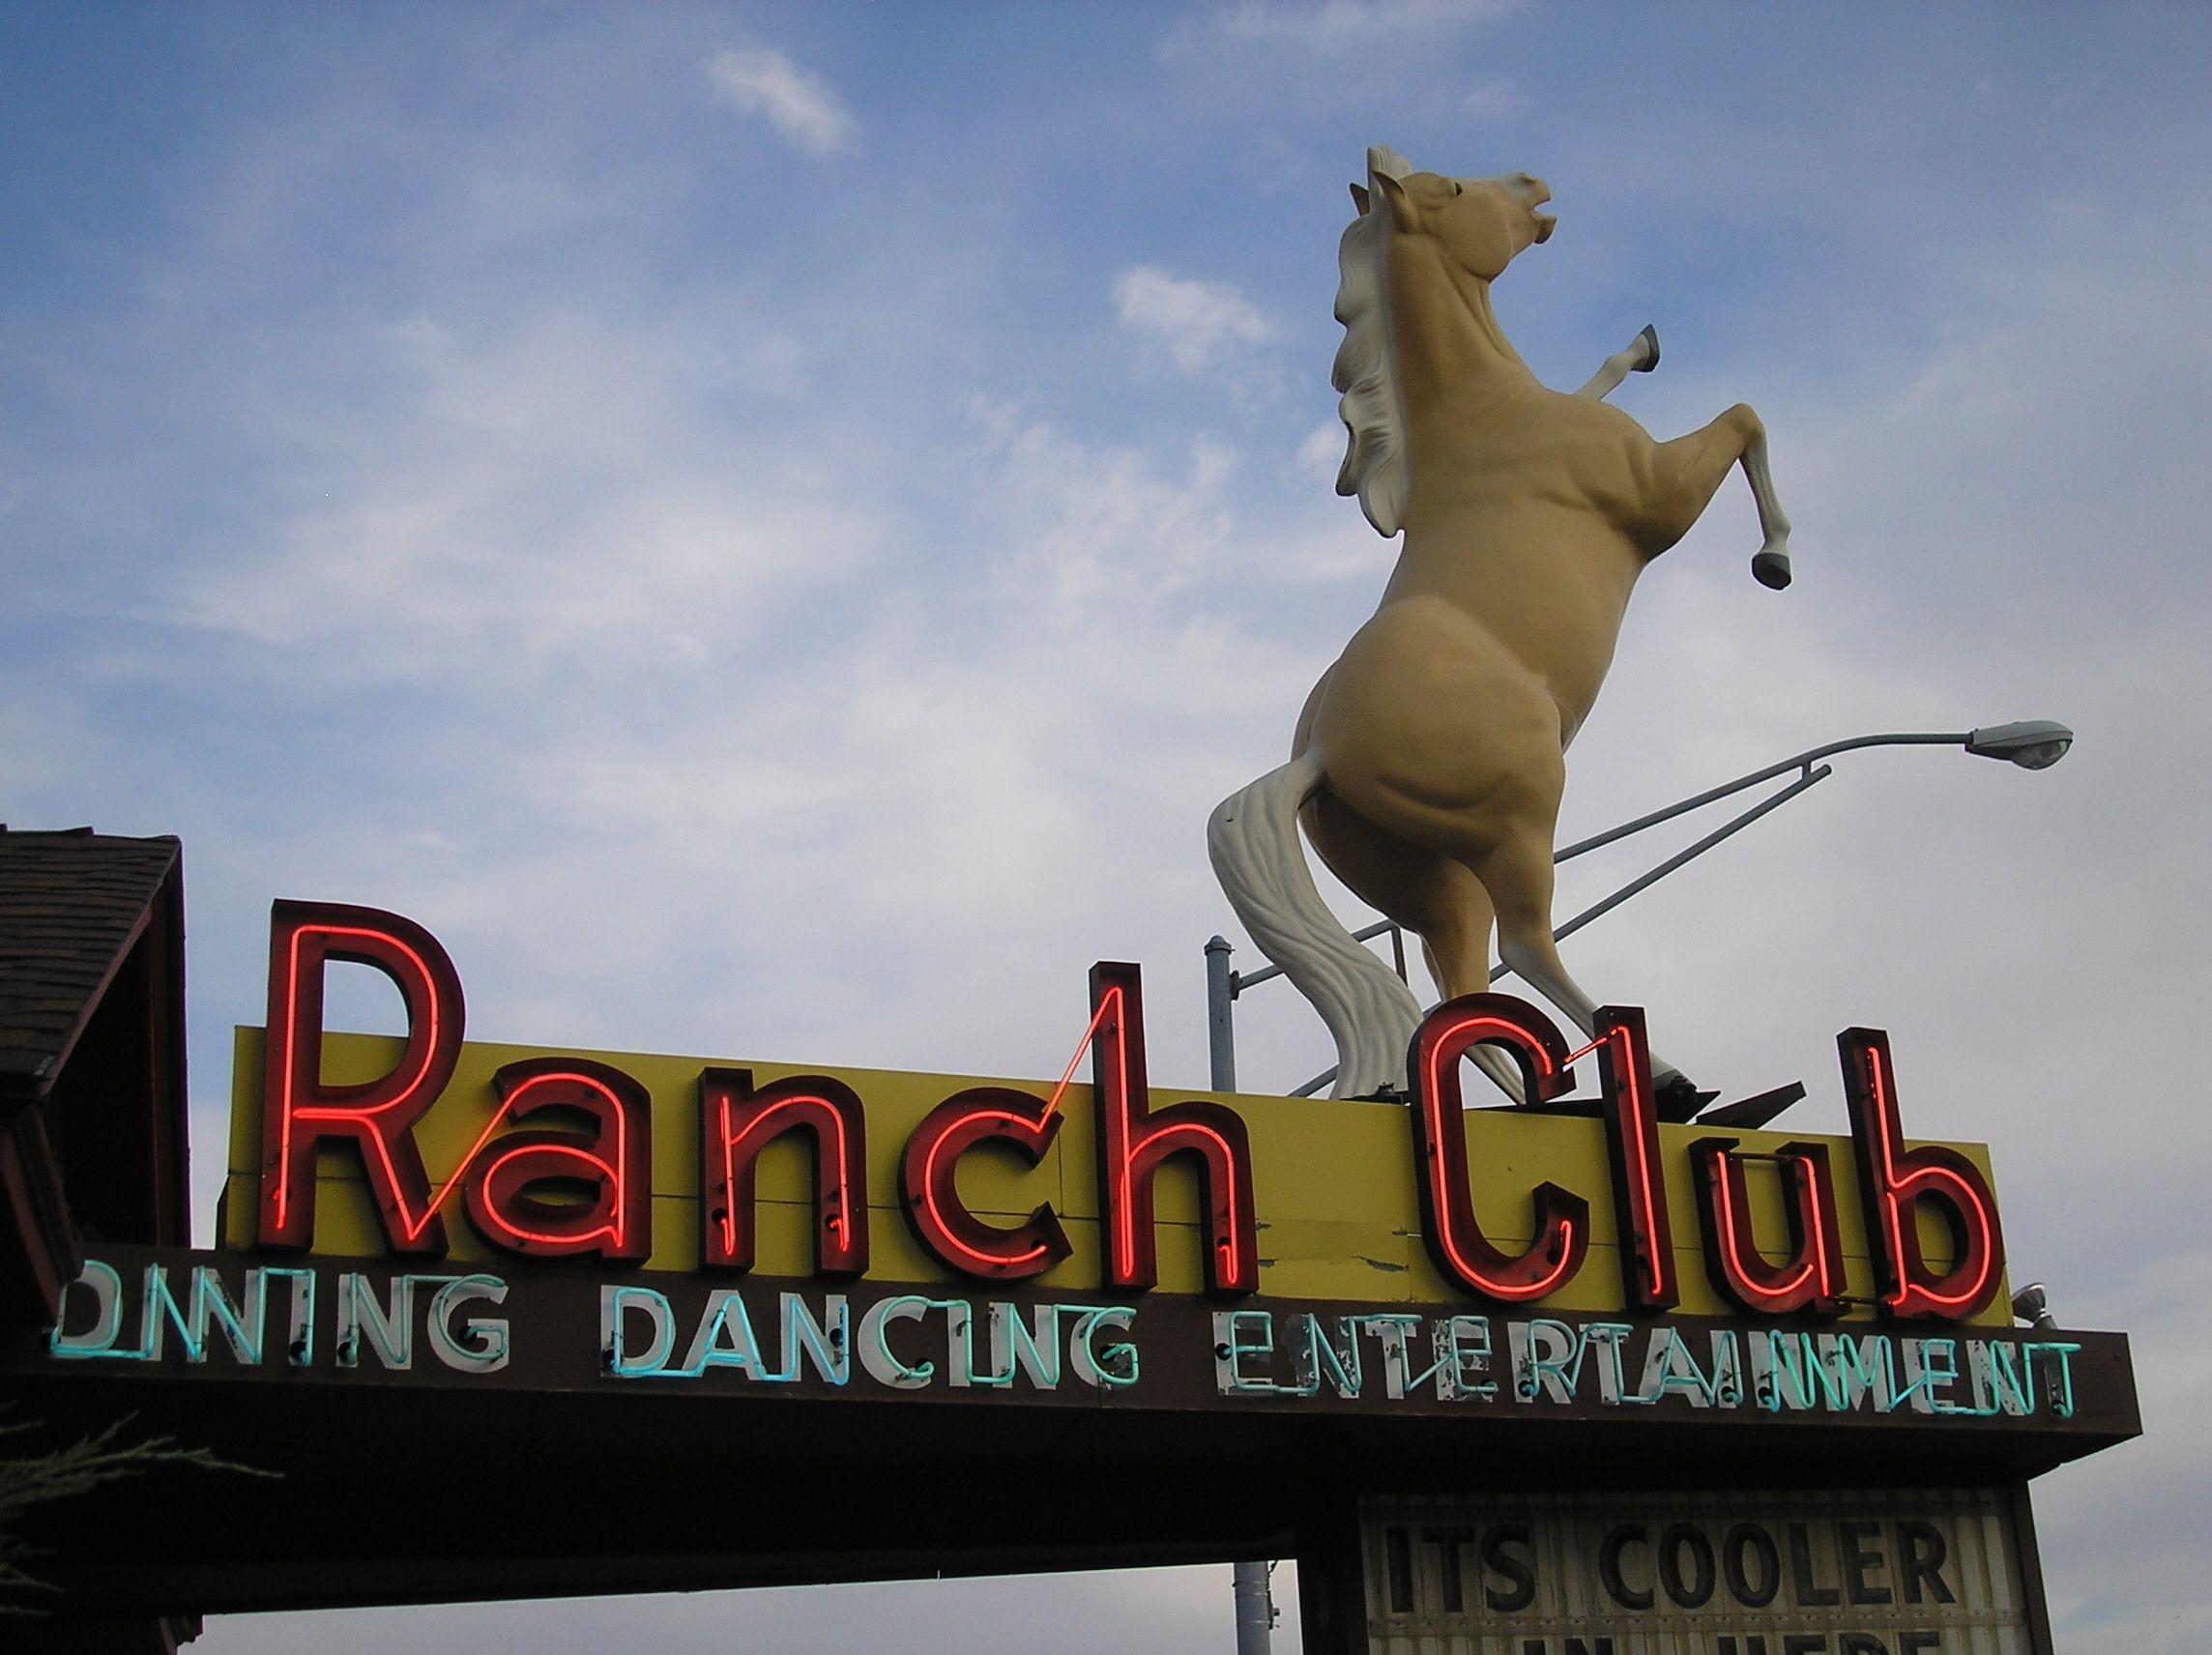 Ranch Club Garden City Boise Idaho Photo By Steve Golse With